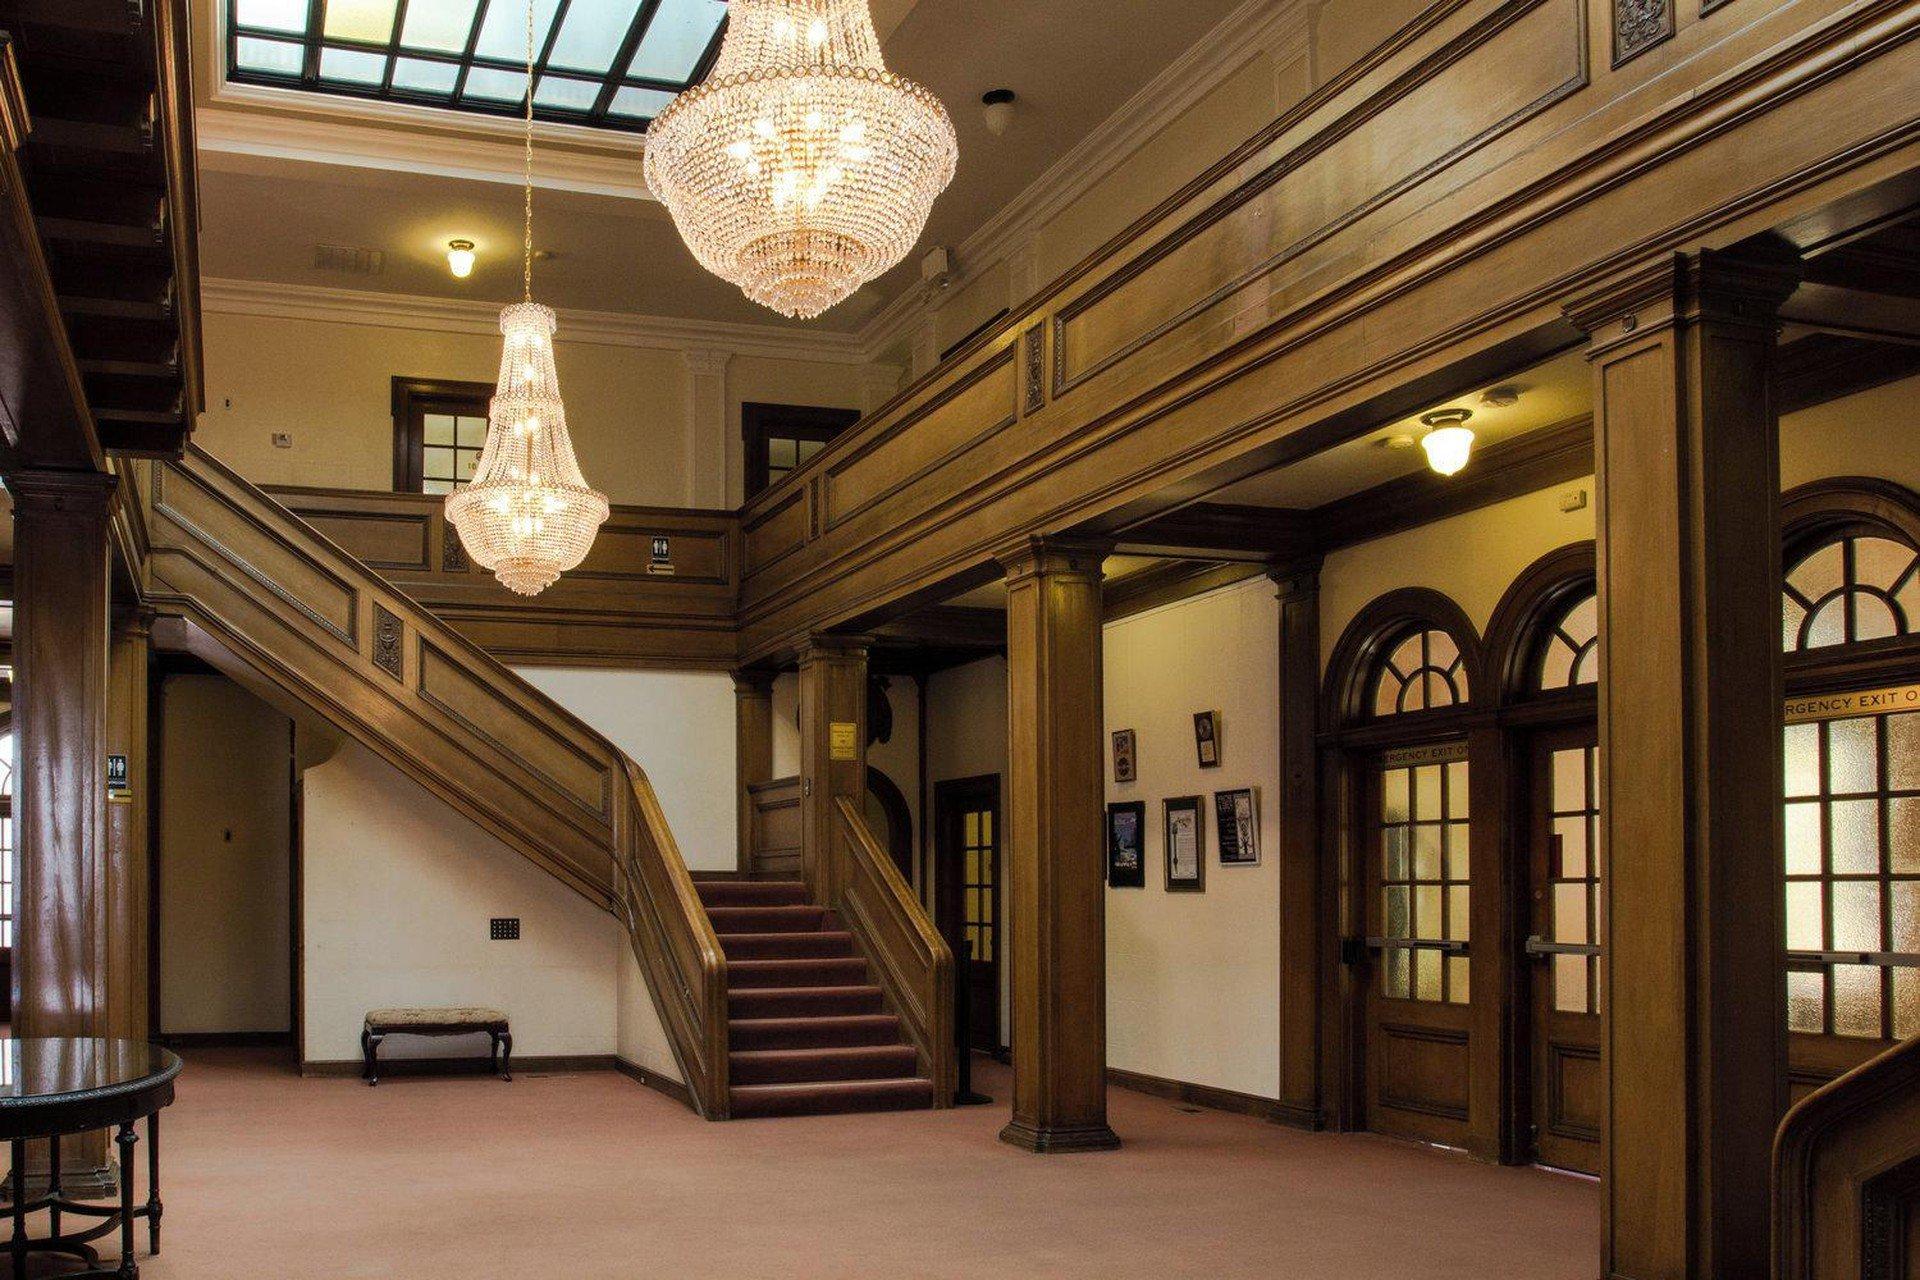 San Jose corporate event venues Auditorium Trianon Theatre - Entire Theatre image 3